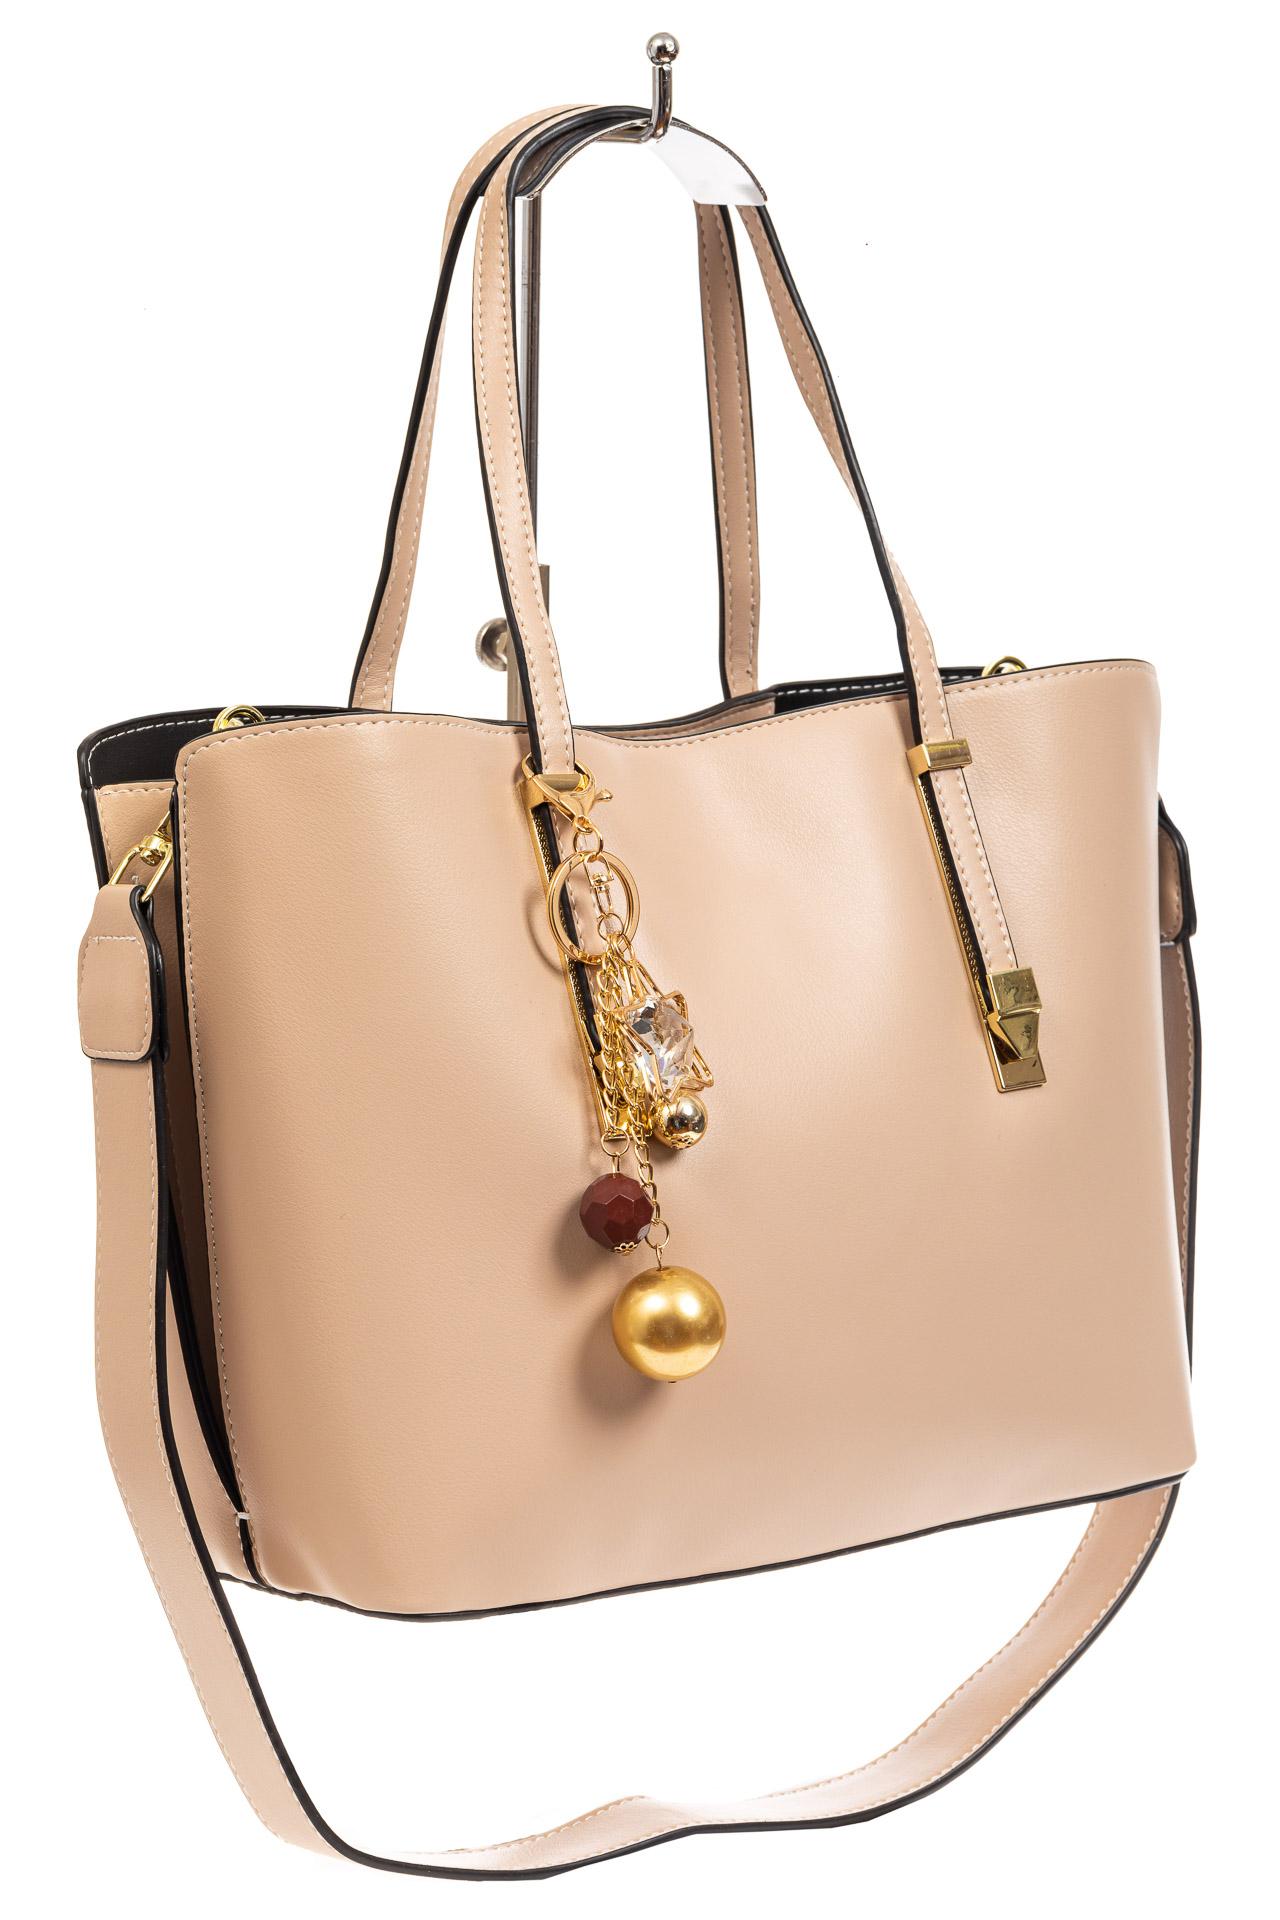 Женская сумка тоут из искусственной кожи, цвет молочный8670PJ0520/19